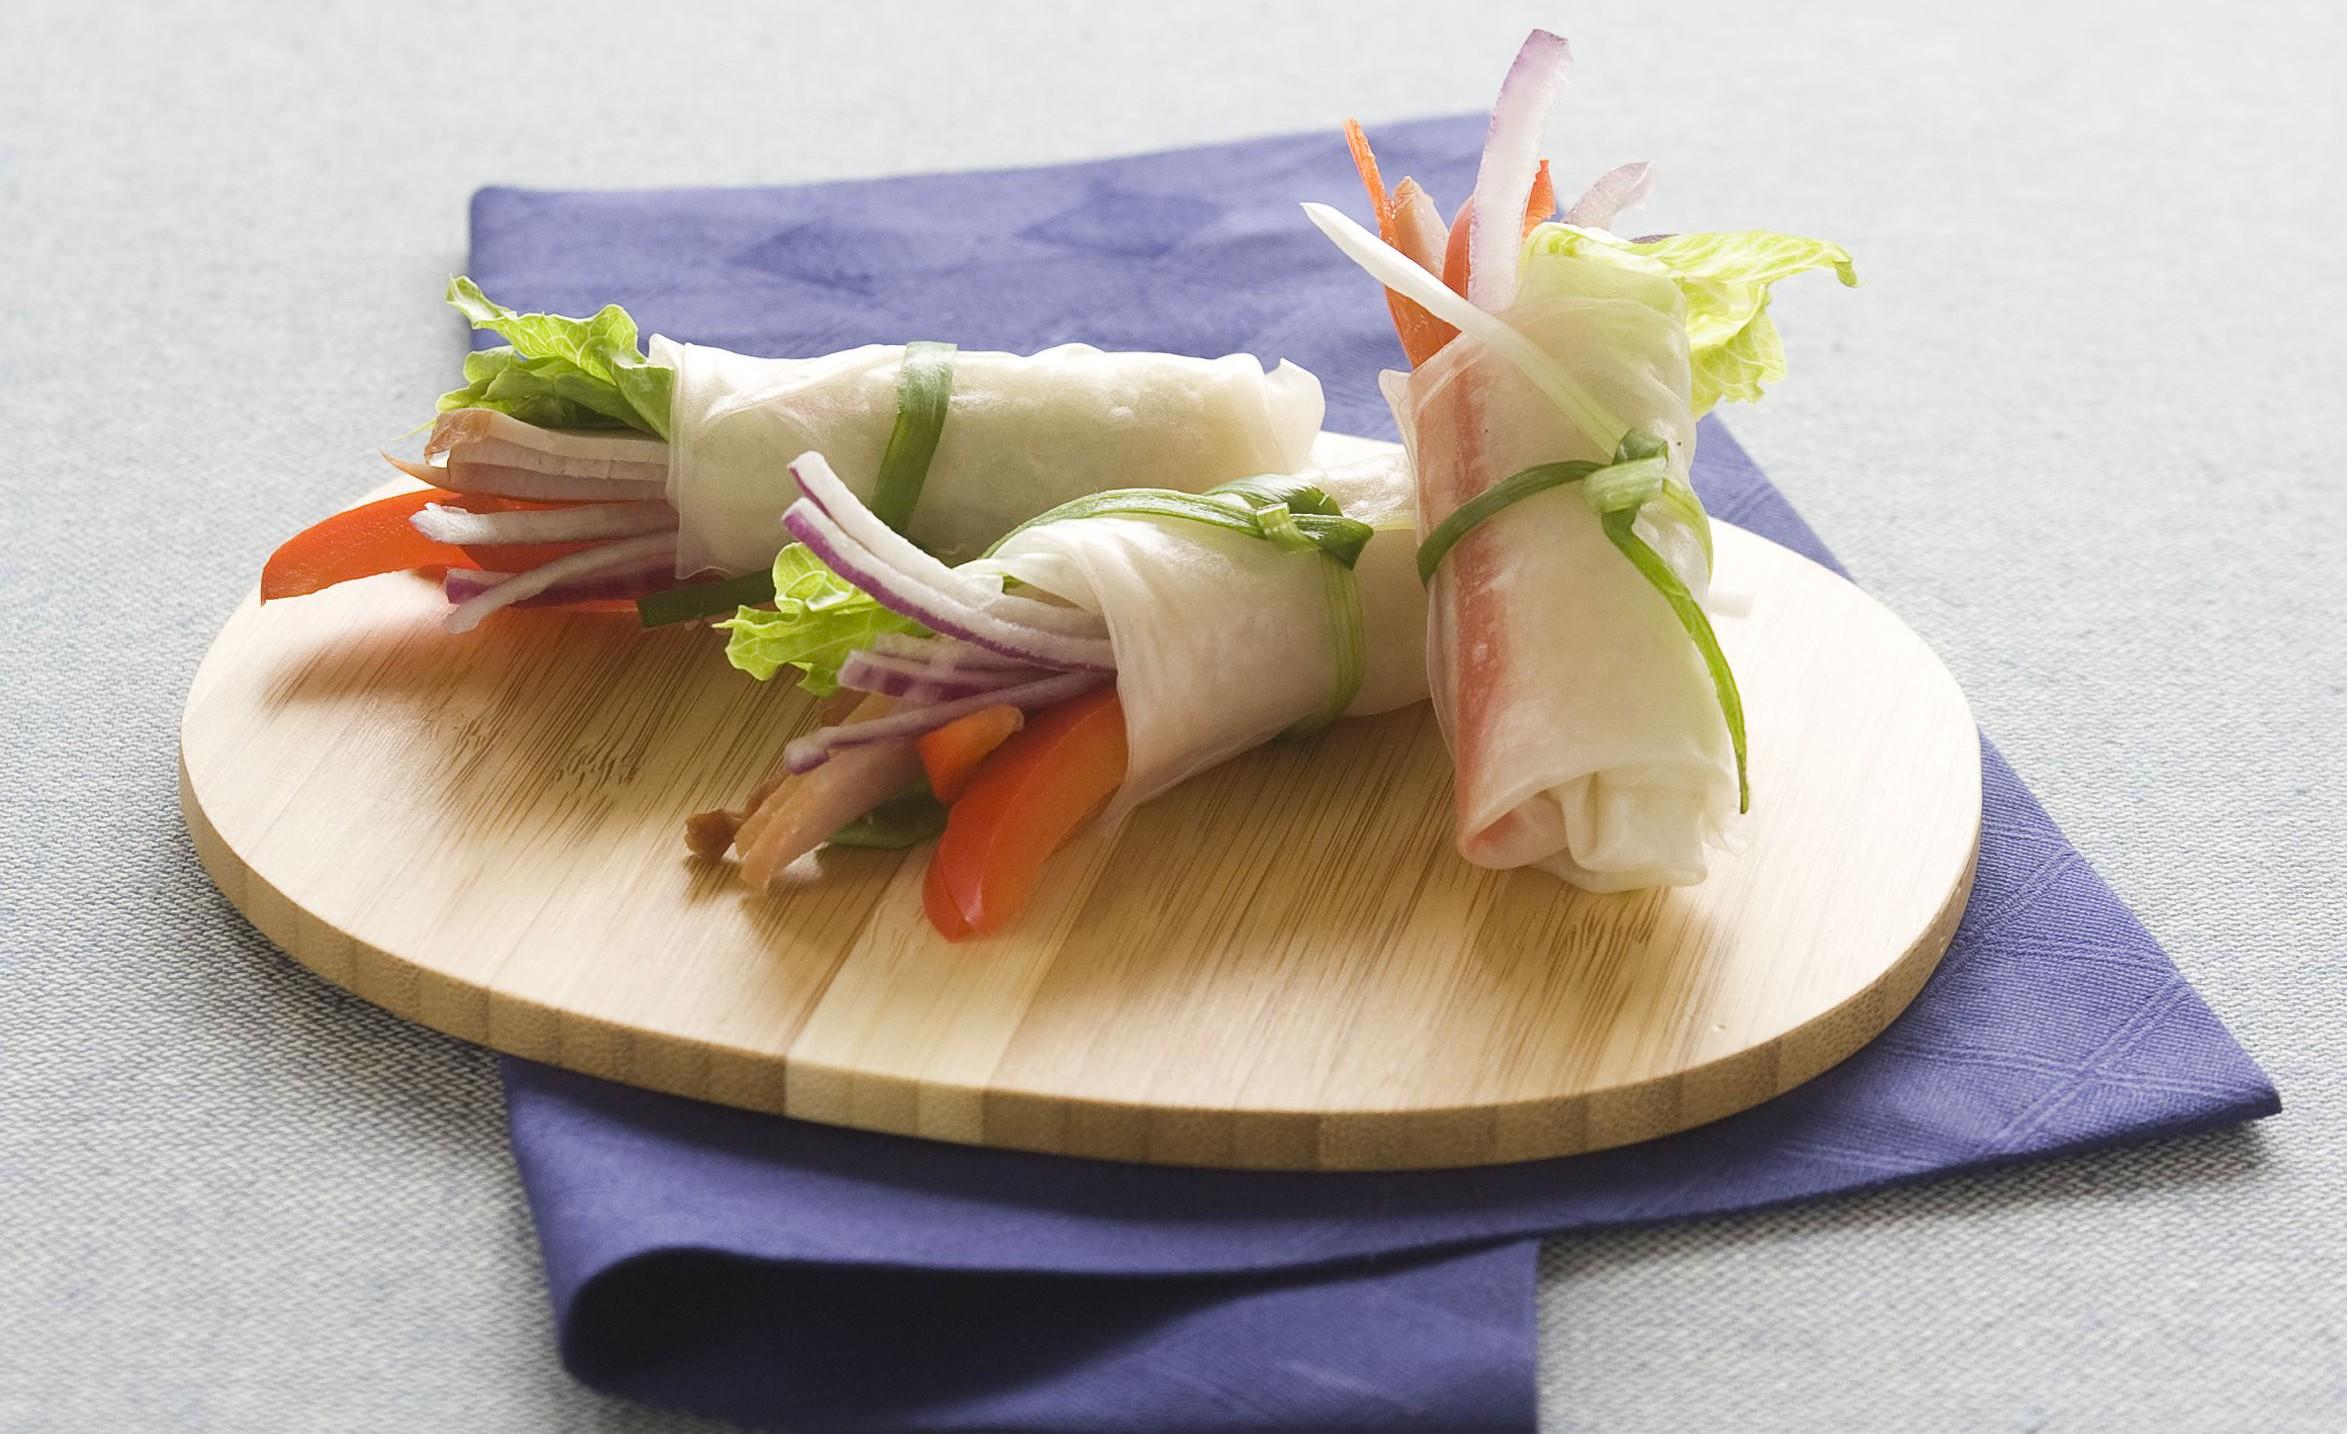 Rolky zryzoveho papiru se zeleninou